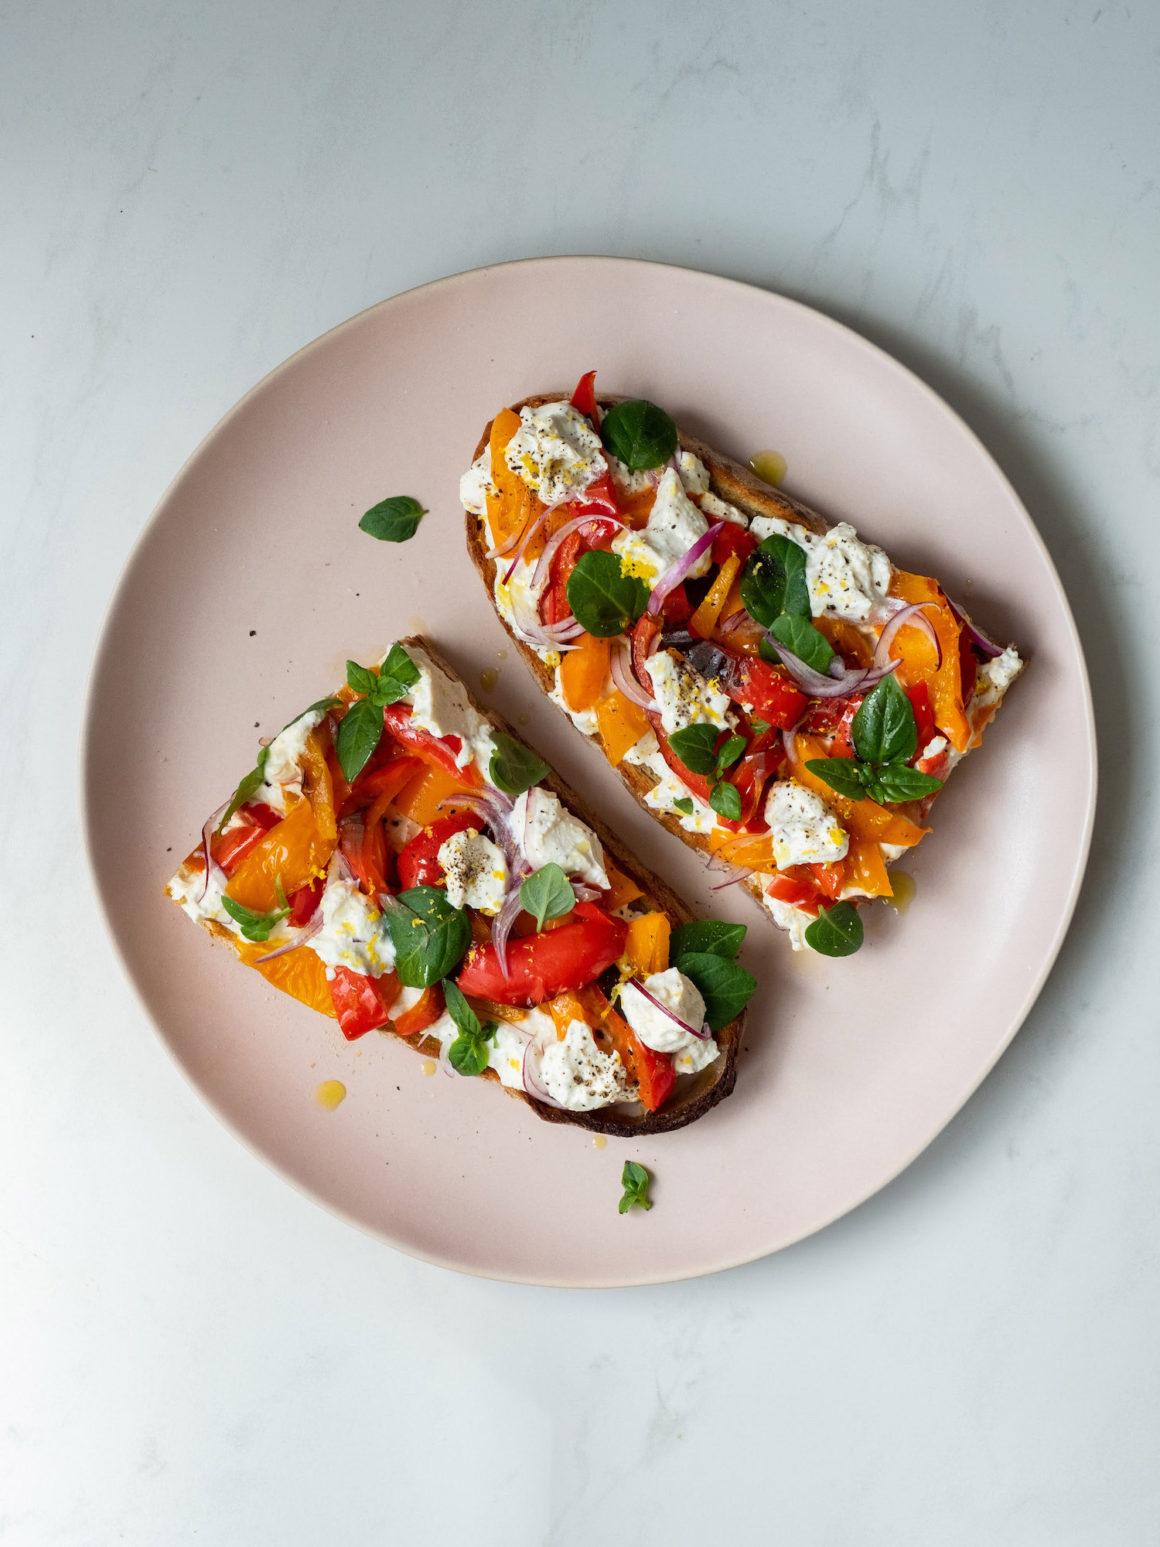 Rezept Sandwich mit Zitronenricotta und gegrillter Paprika, Basilikum, Sauerteigbrot, Olivenöl